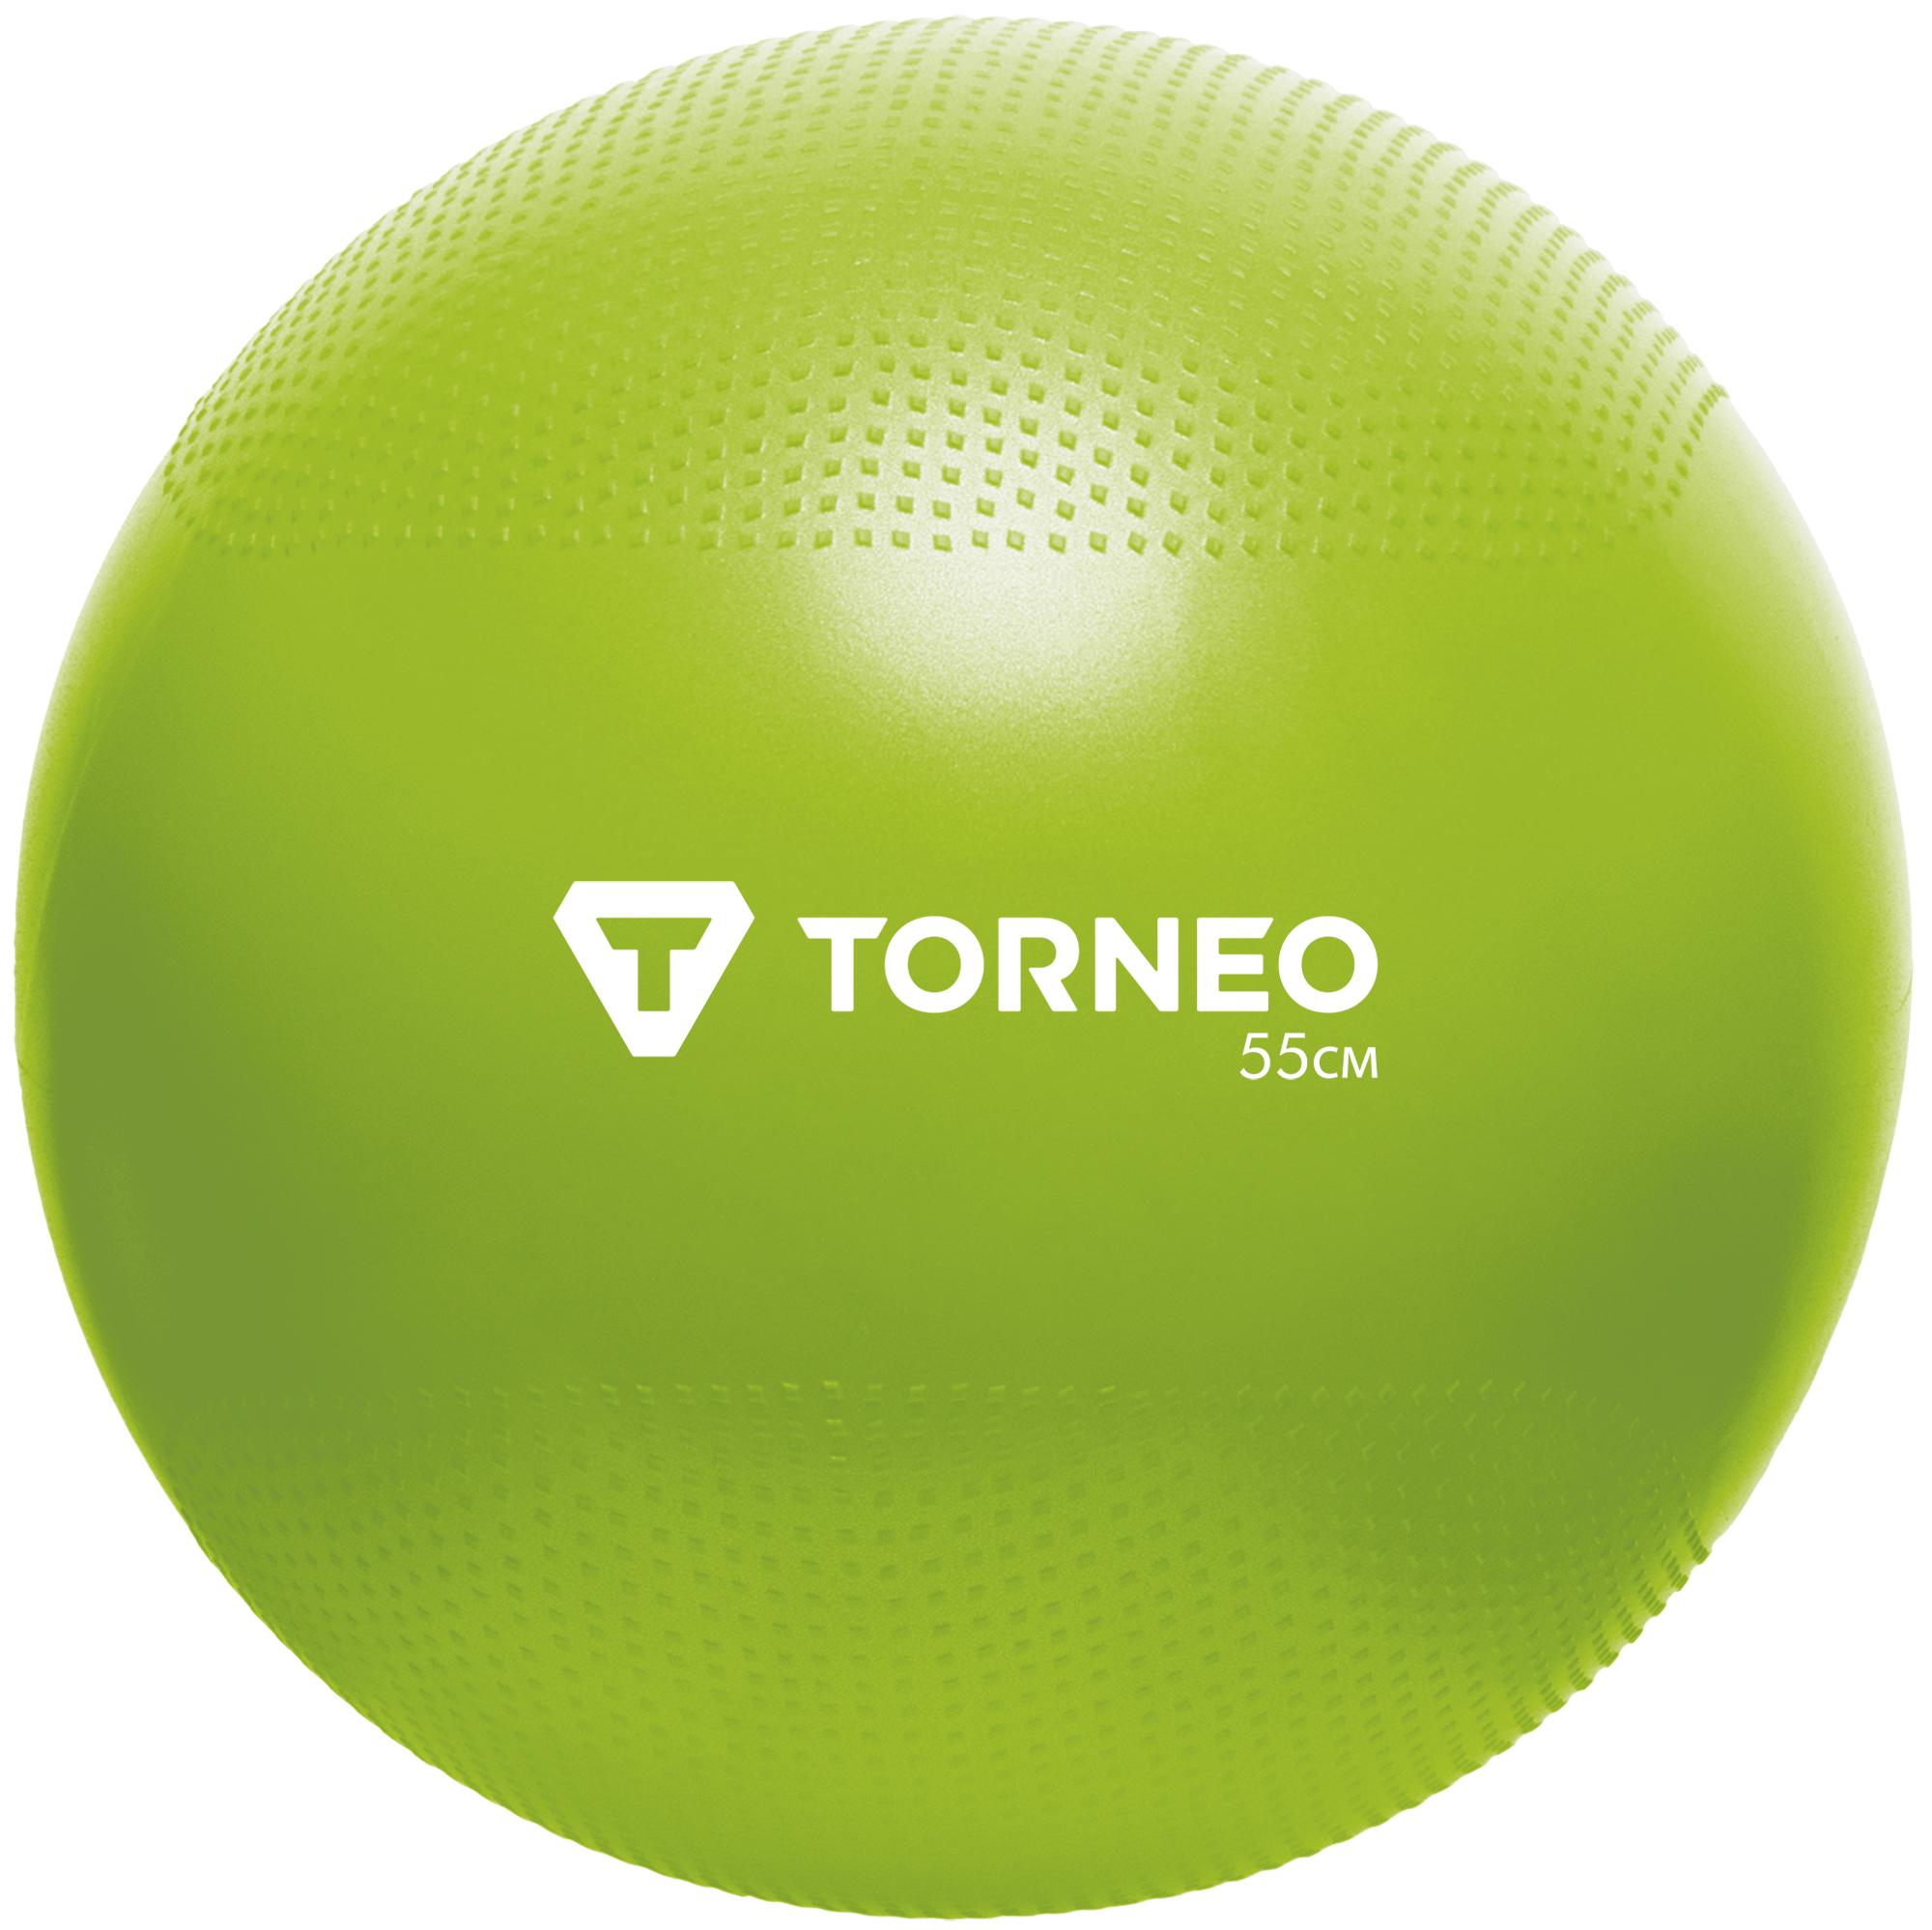 Torneo Мяч гимнастический Torneo, 55 см мяч гимнастический doka фитбол диаметр 65см зеленый